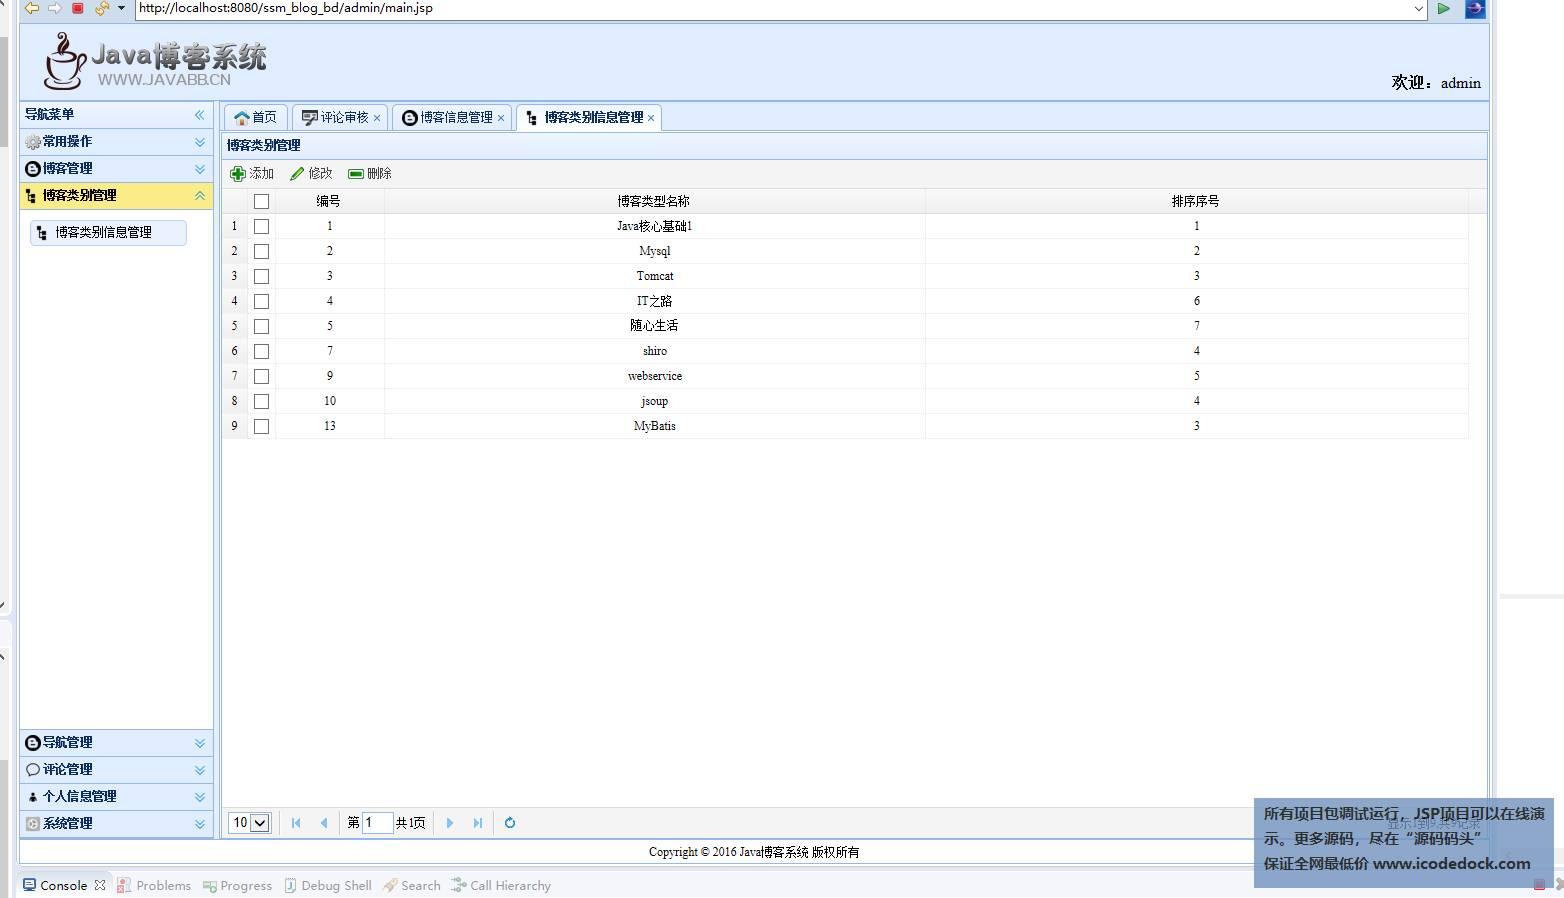 源码码头-SSM个人博客管理系统-管理员角色-博客类别增删改查